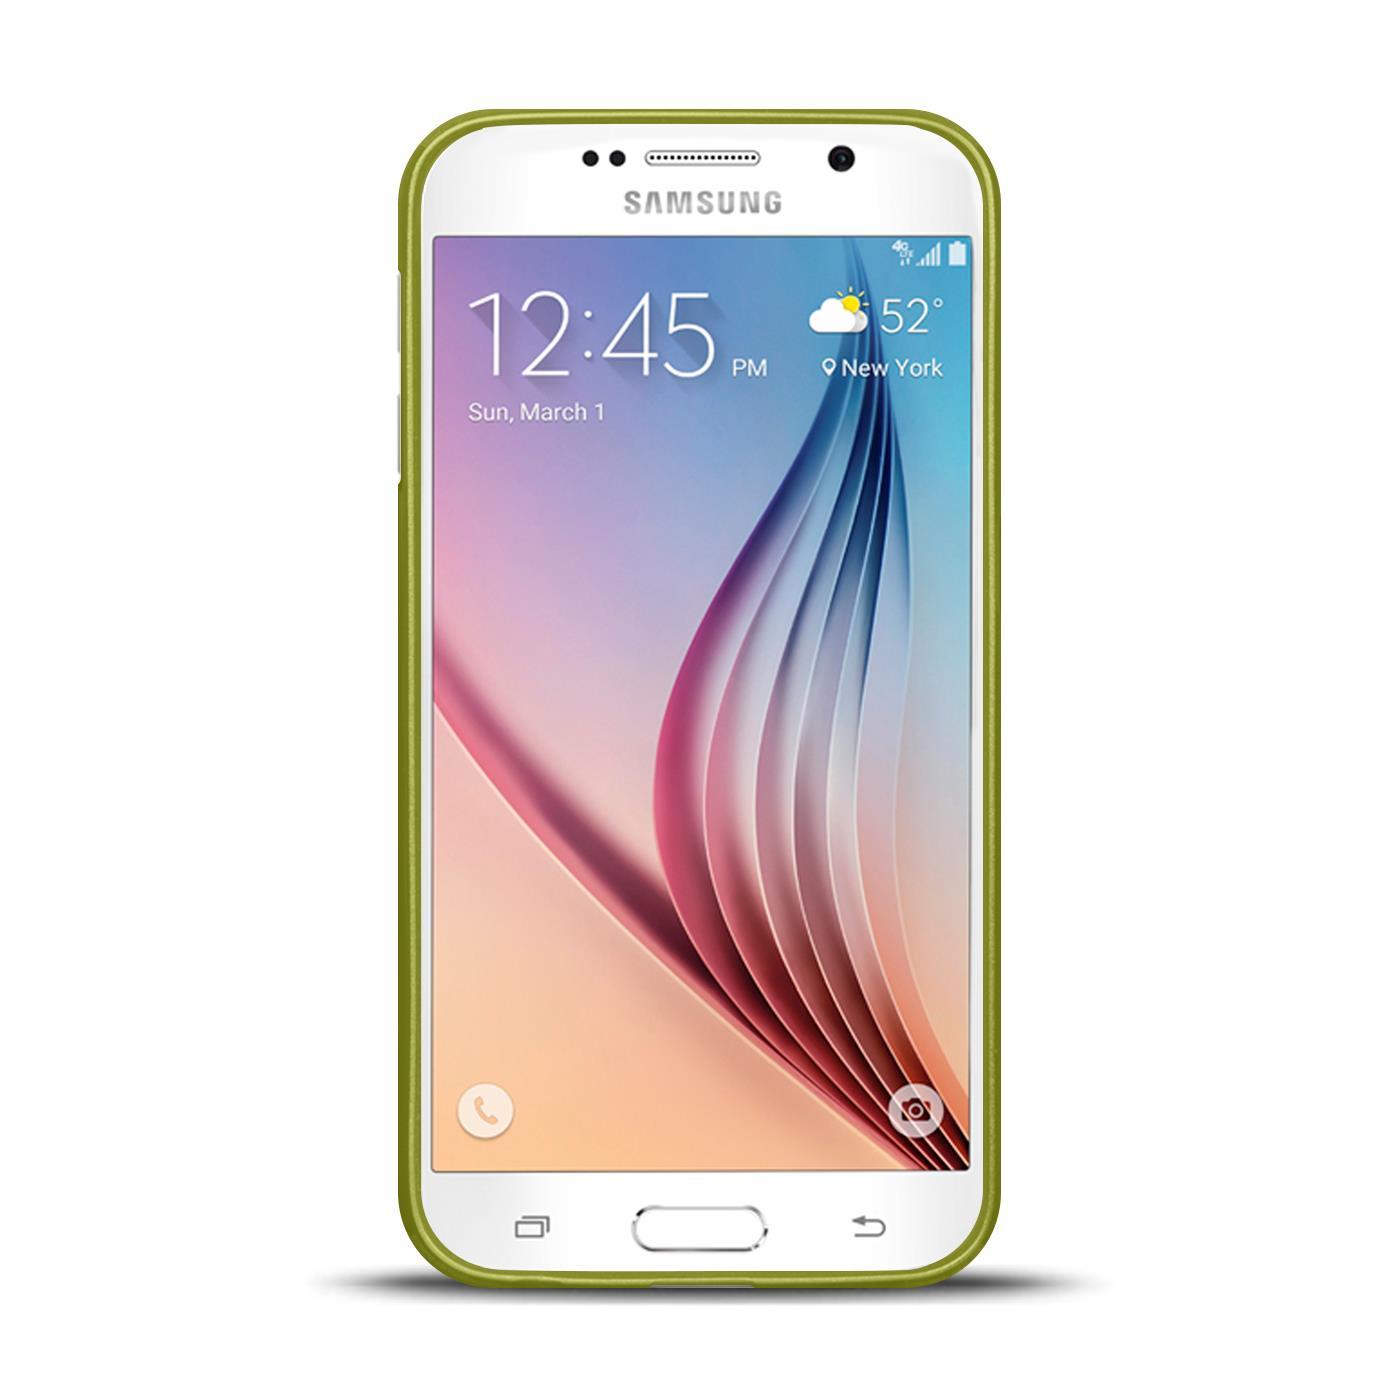 Silikon-Bumper-Case-fuer-Samsung-Galaxy-s6-duenne-ultra-slim-Stossfeste-Rueckschale Indexbild 19